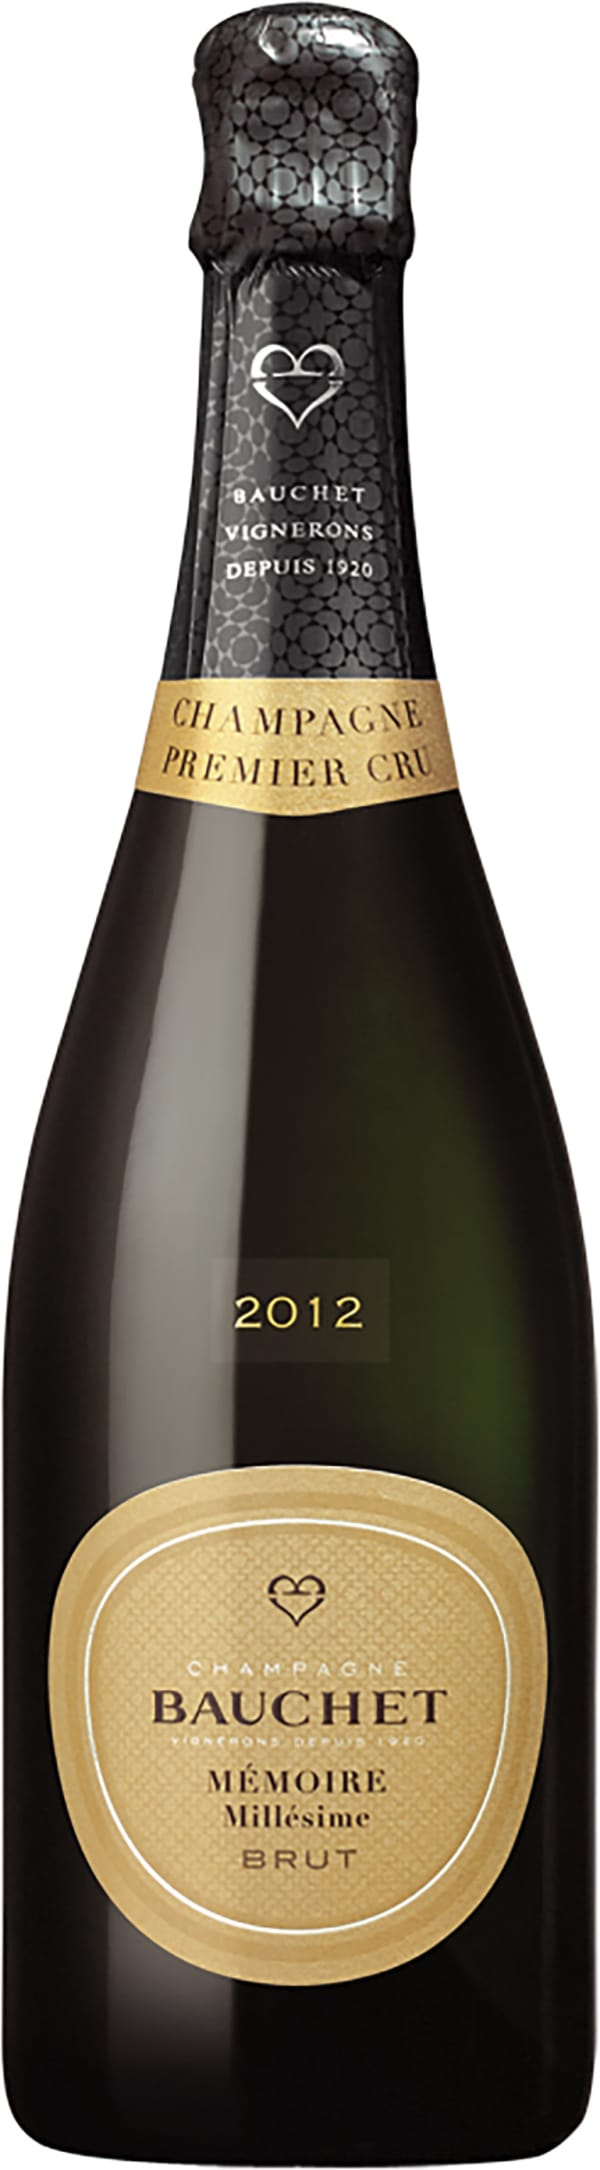 Bauchet Mémoire Millesime Premier Cru Champagne Brut 2012